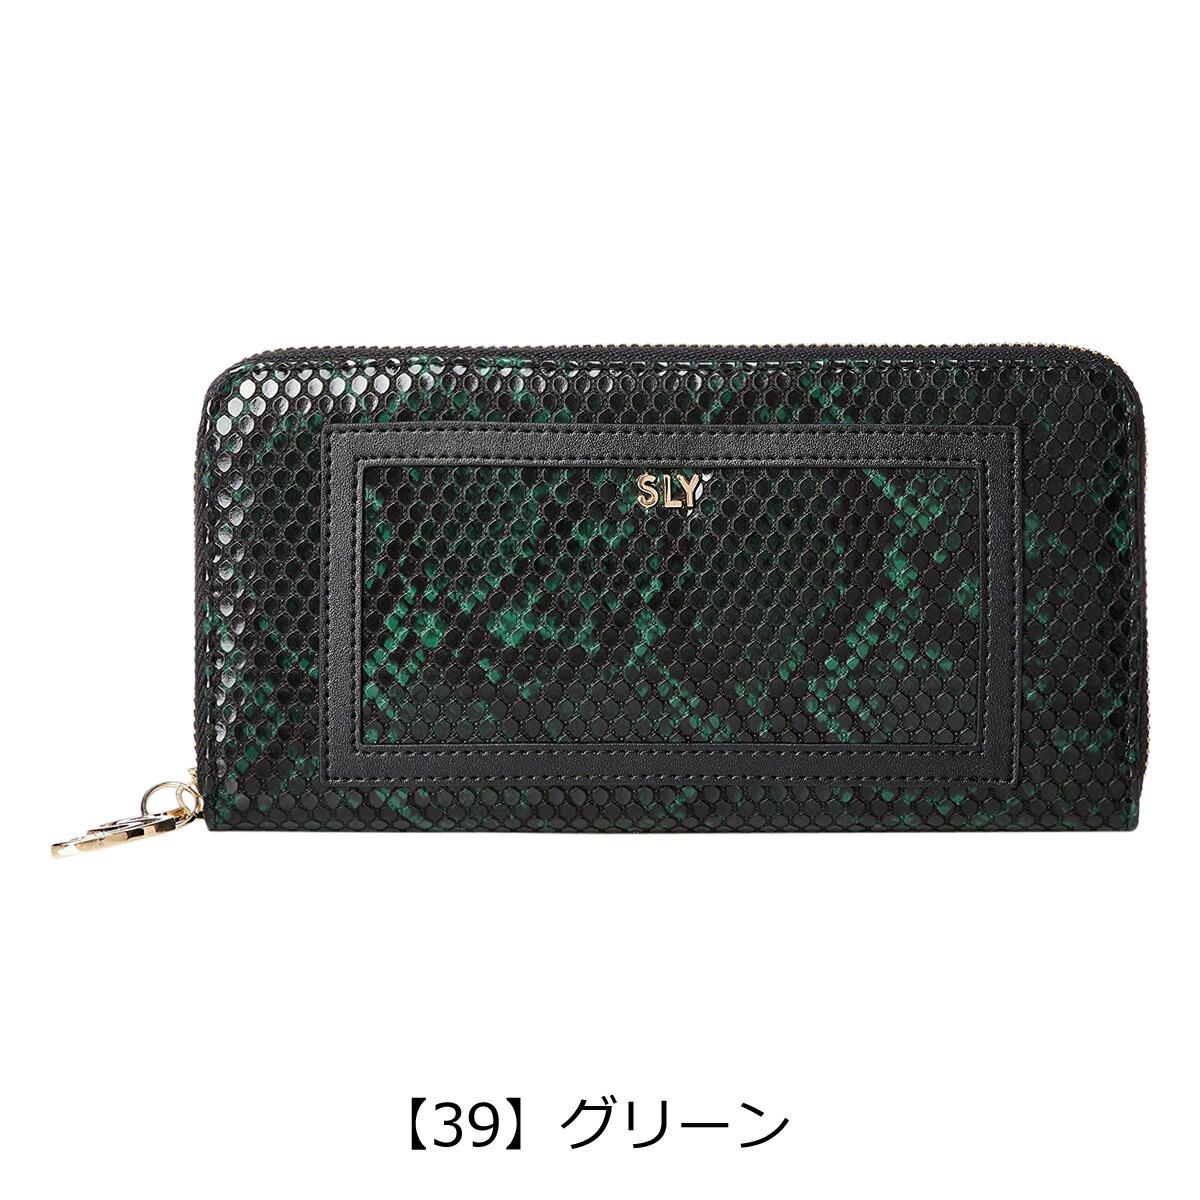 【39】グリーン